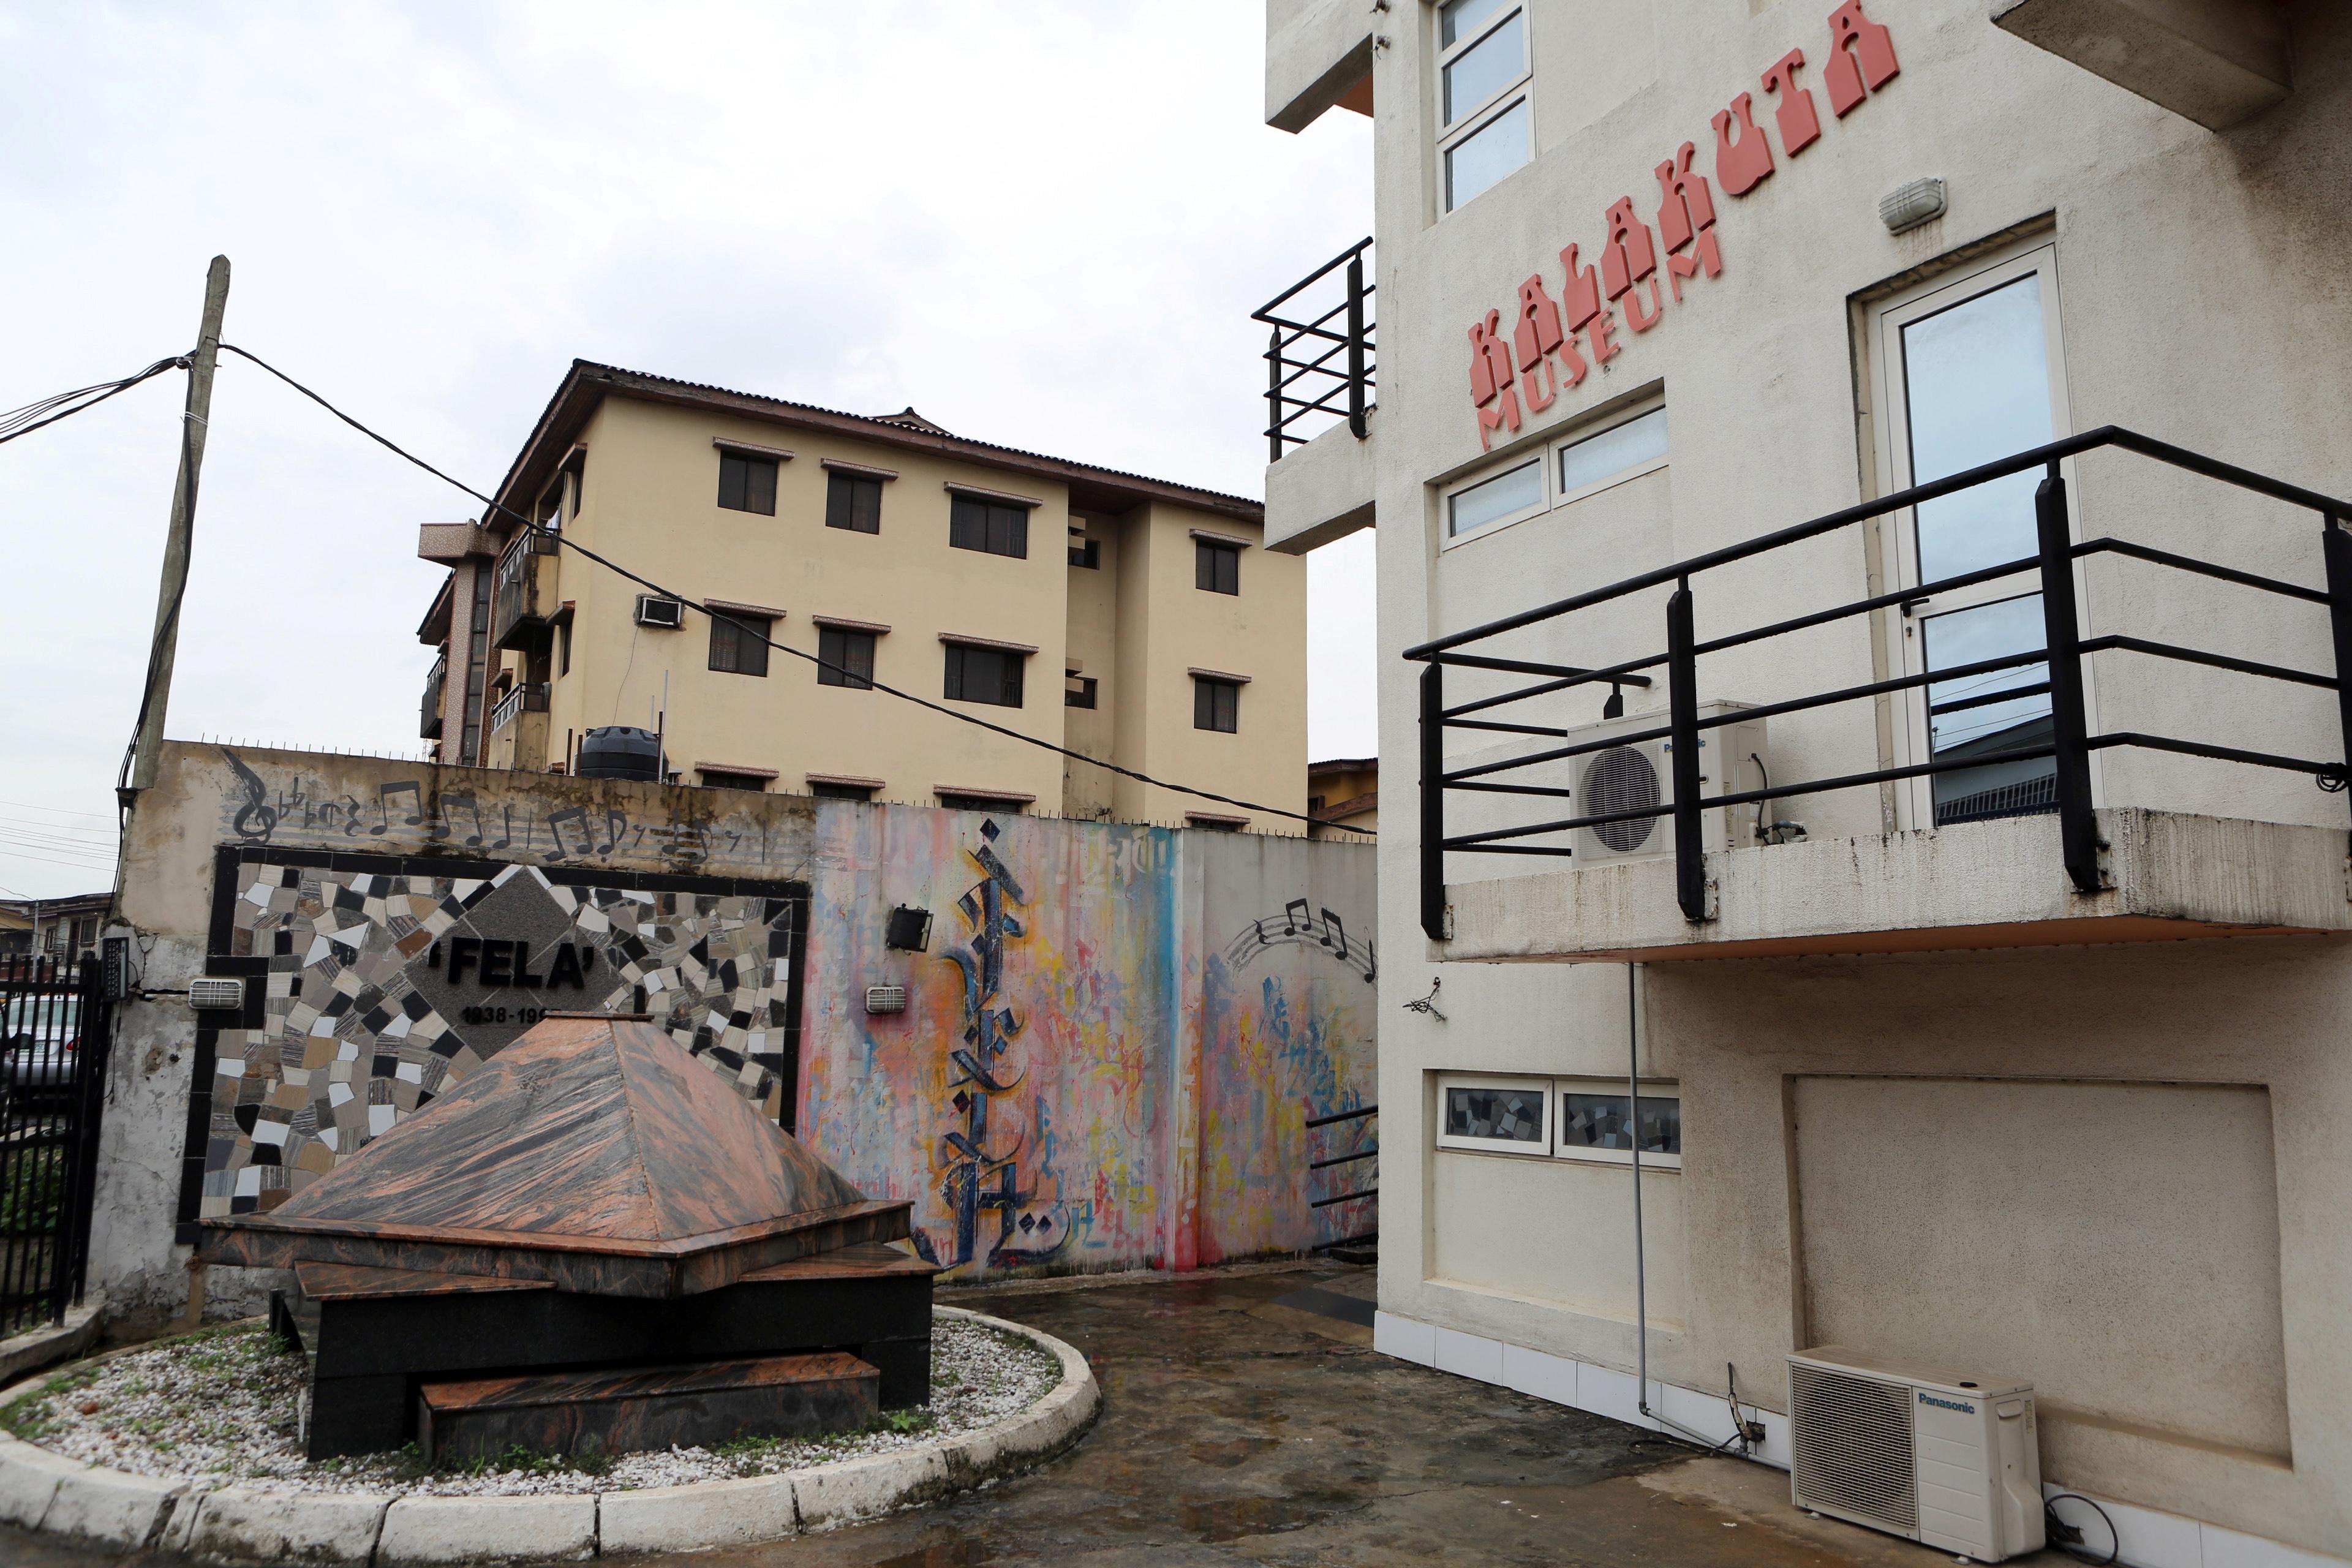 fela house